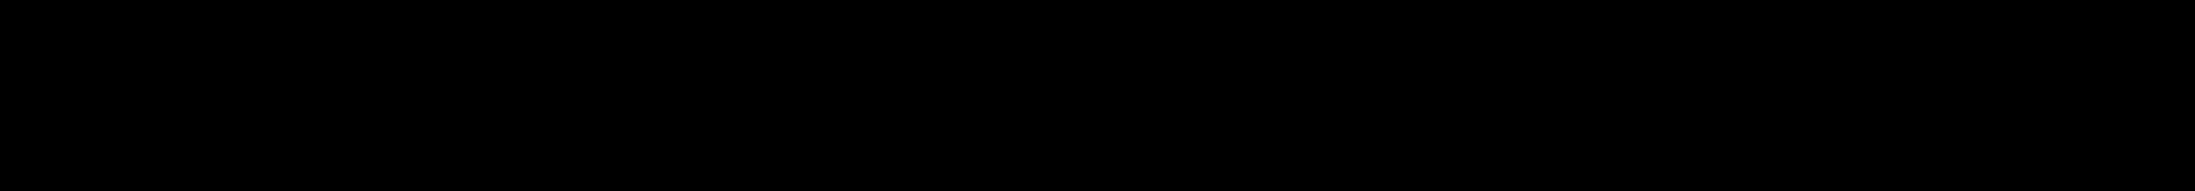 Psychatronic TC Oblique